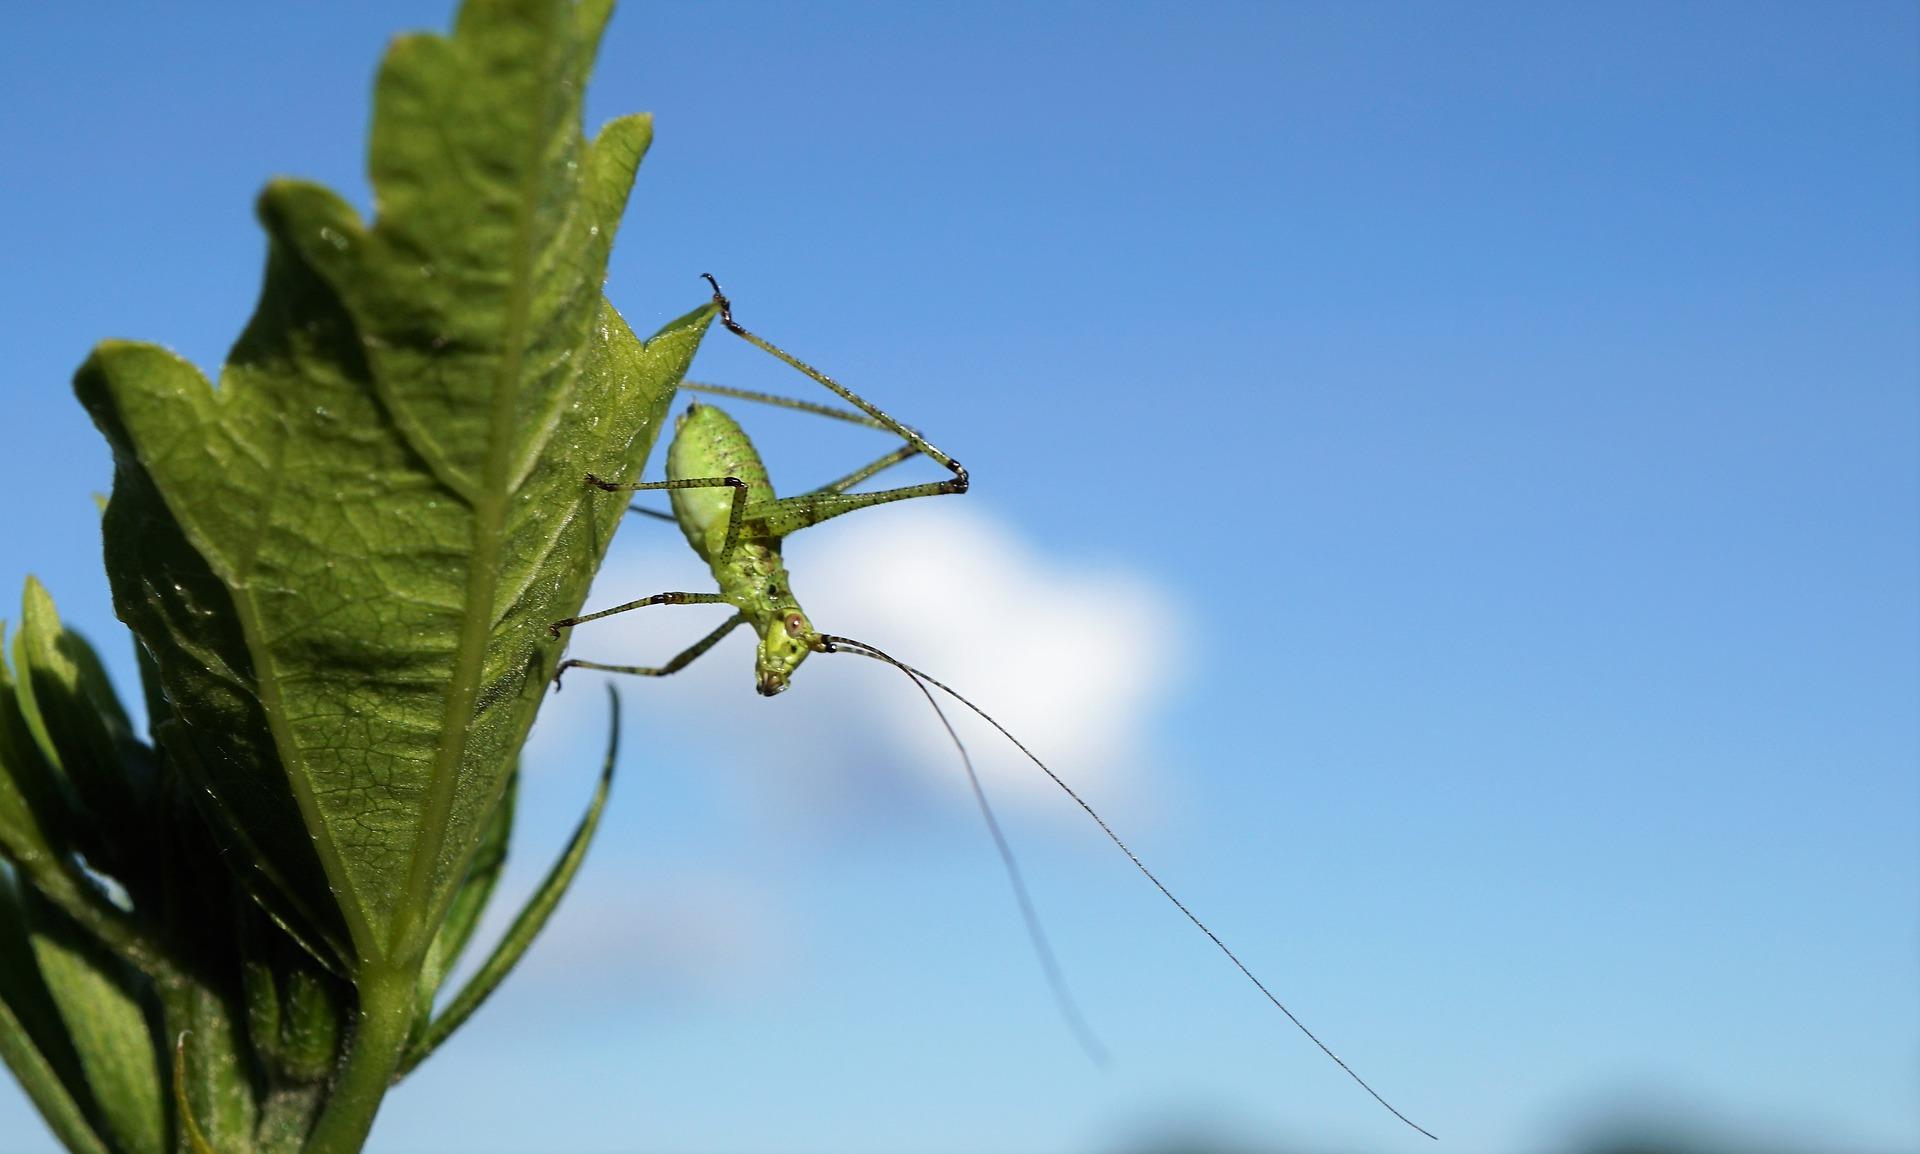 grasshopper-5335423_1920